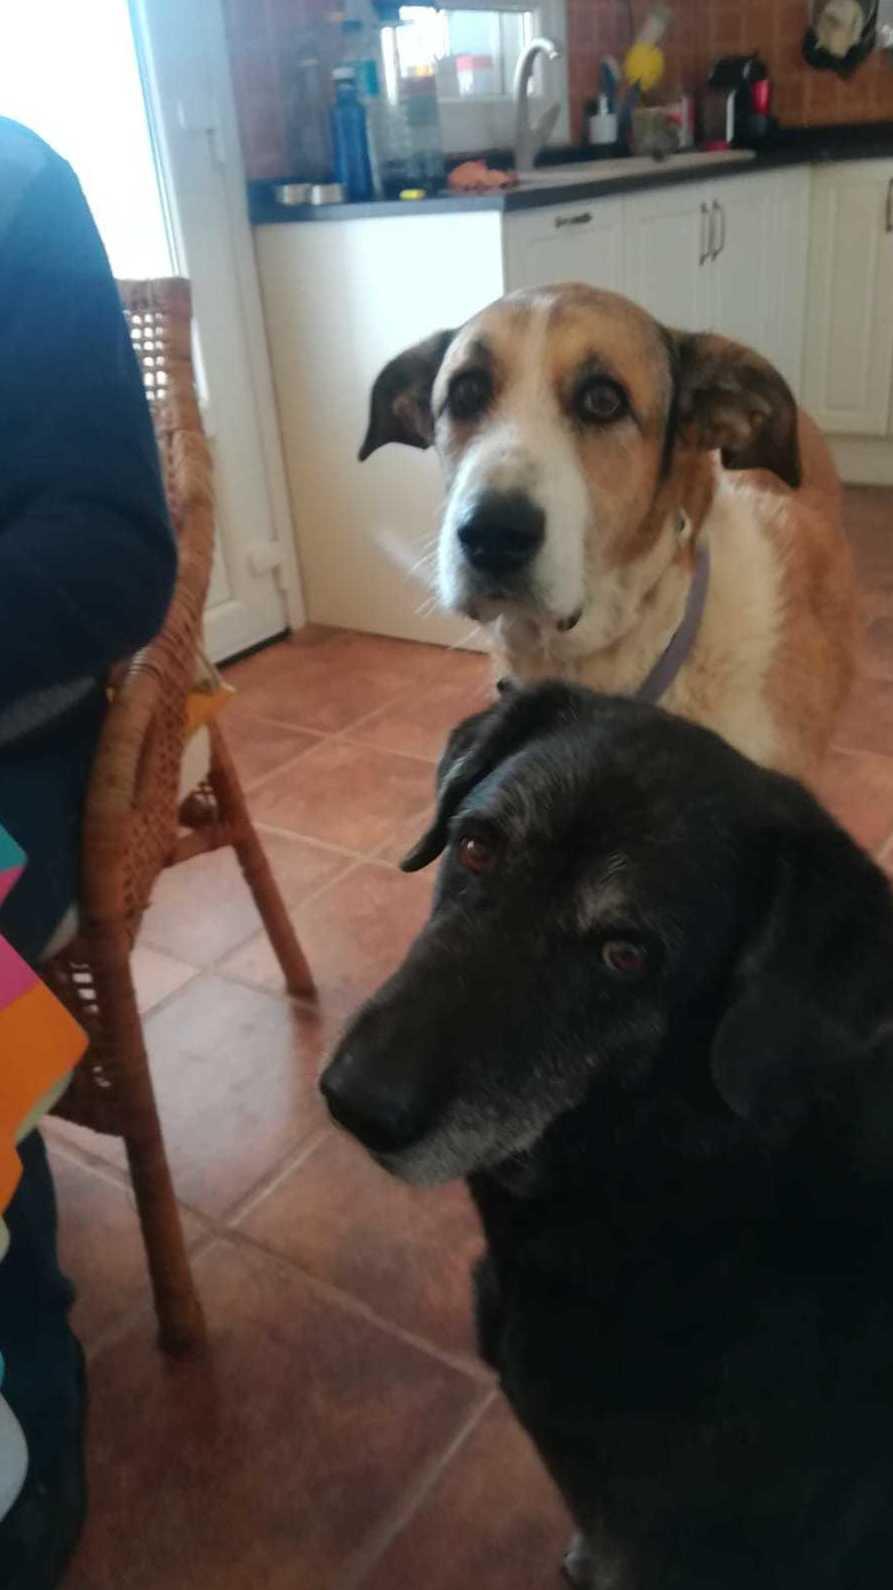 Can Exprés servicio veterinario a domicilio Zaragoza: Lupe y Gala ,Lupe(negra) es positiva y la mantenemos sana a leishmania. Ambas muy expresivas y buenas compañeras